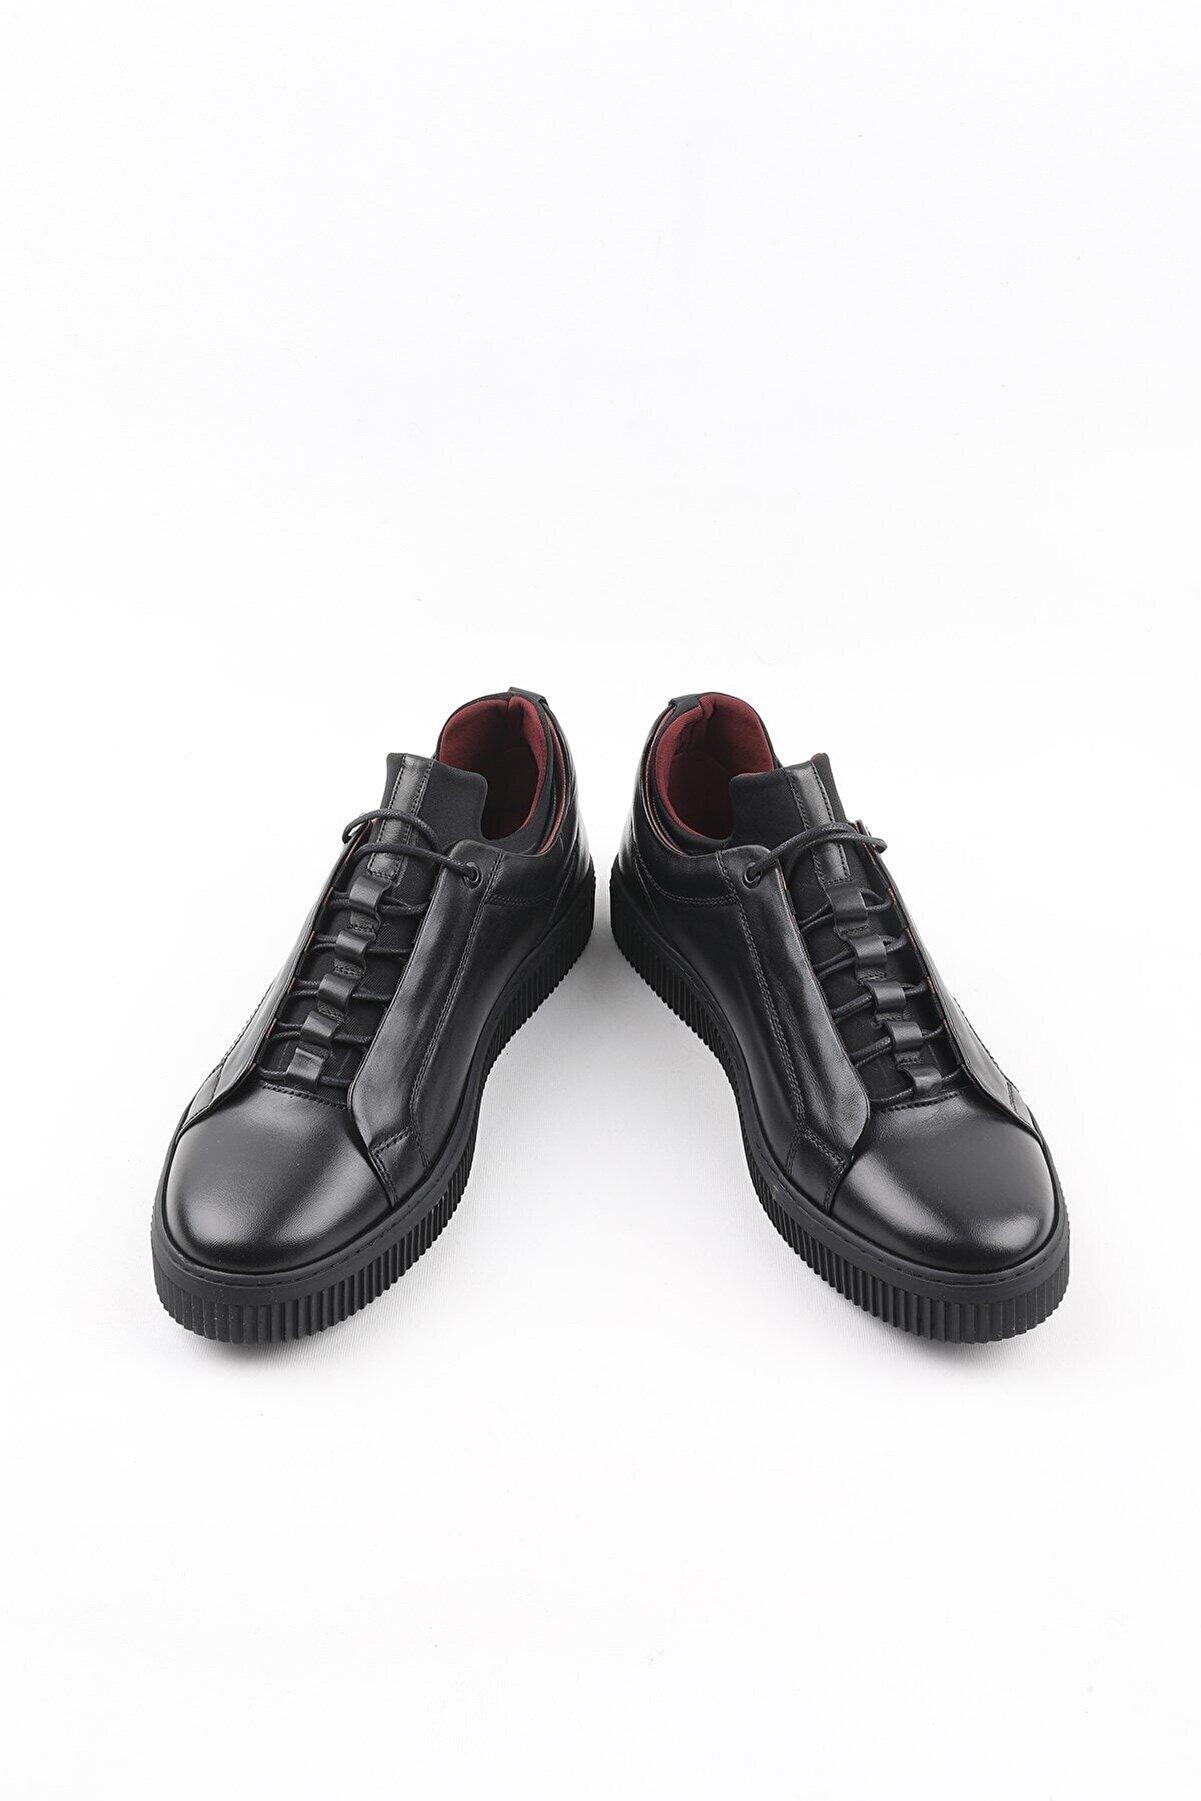 Buffalo El Yapımı Siyah Collection Ayakkabı